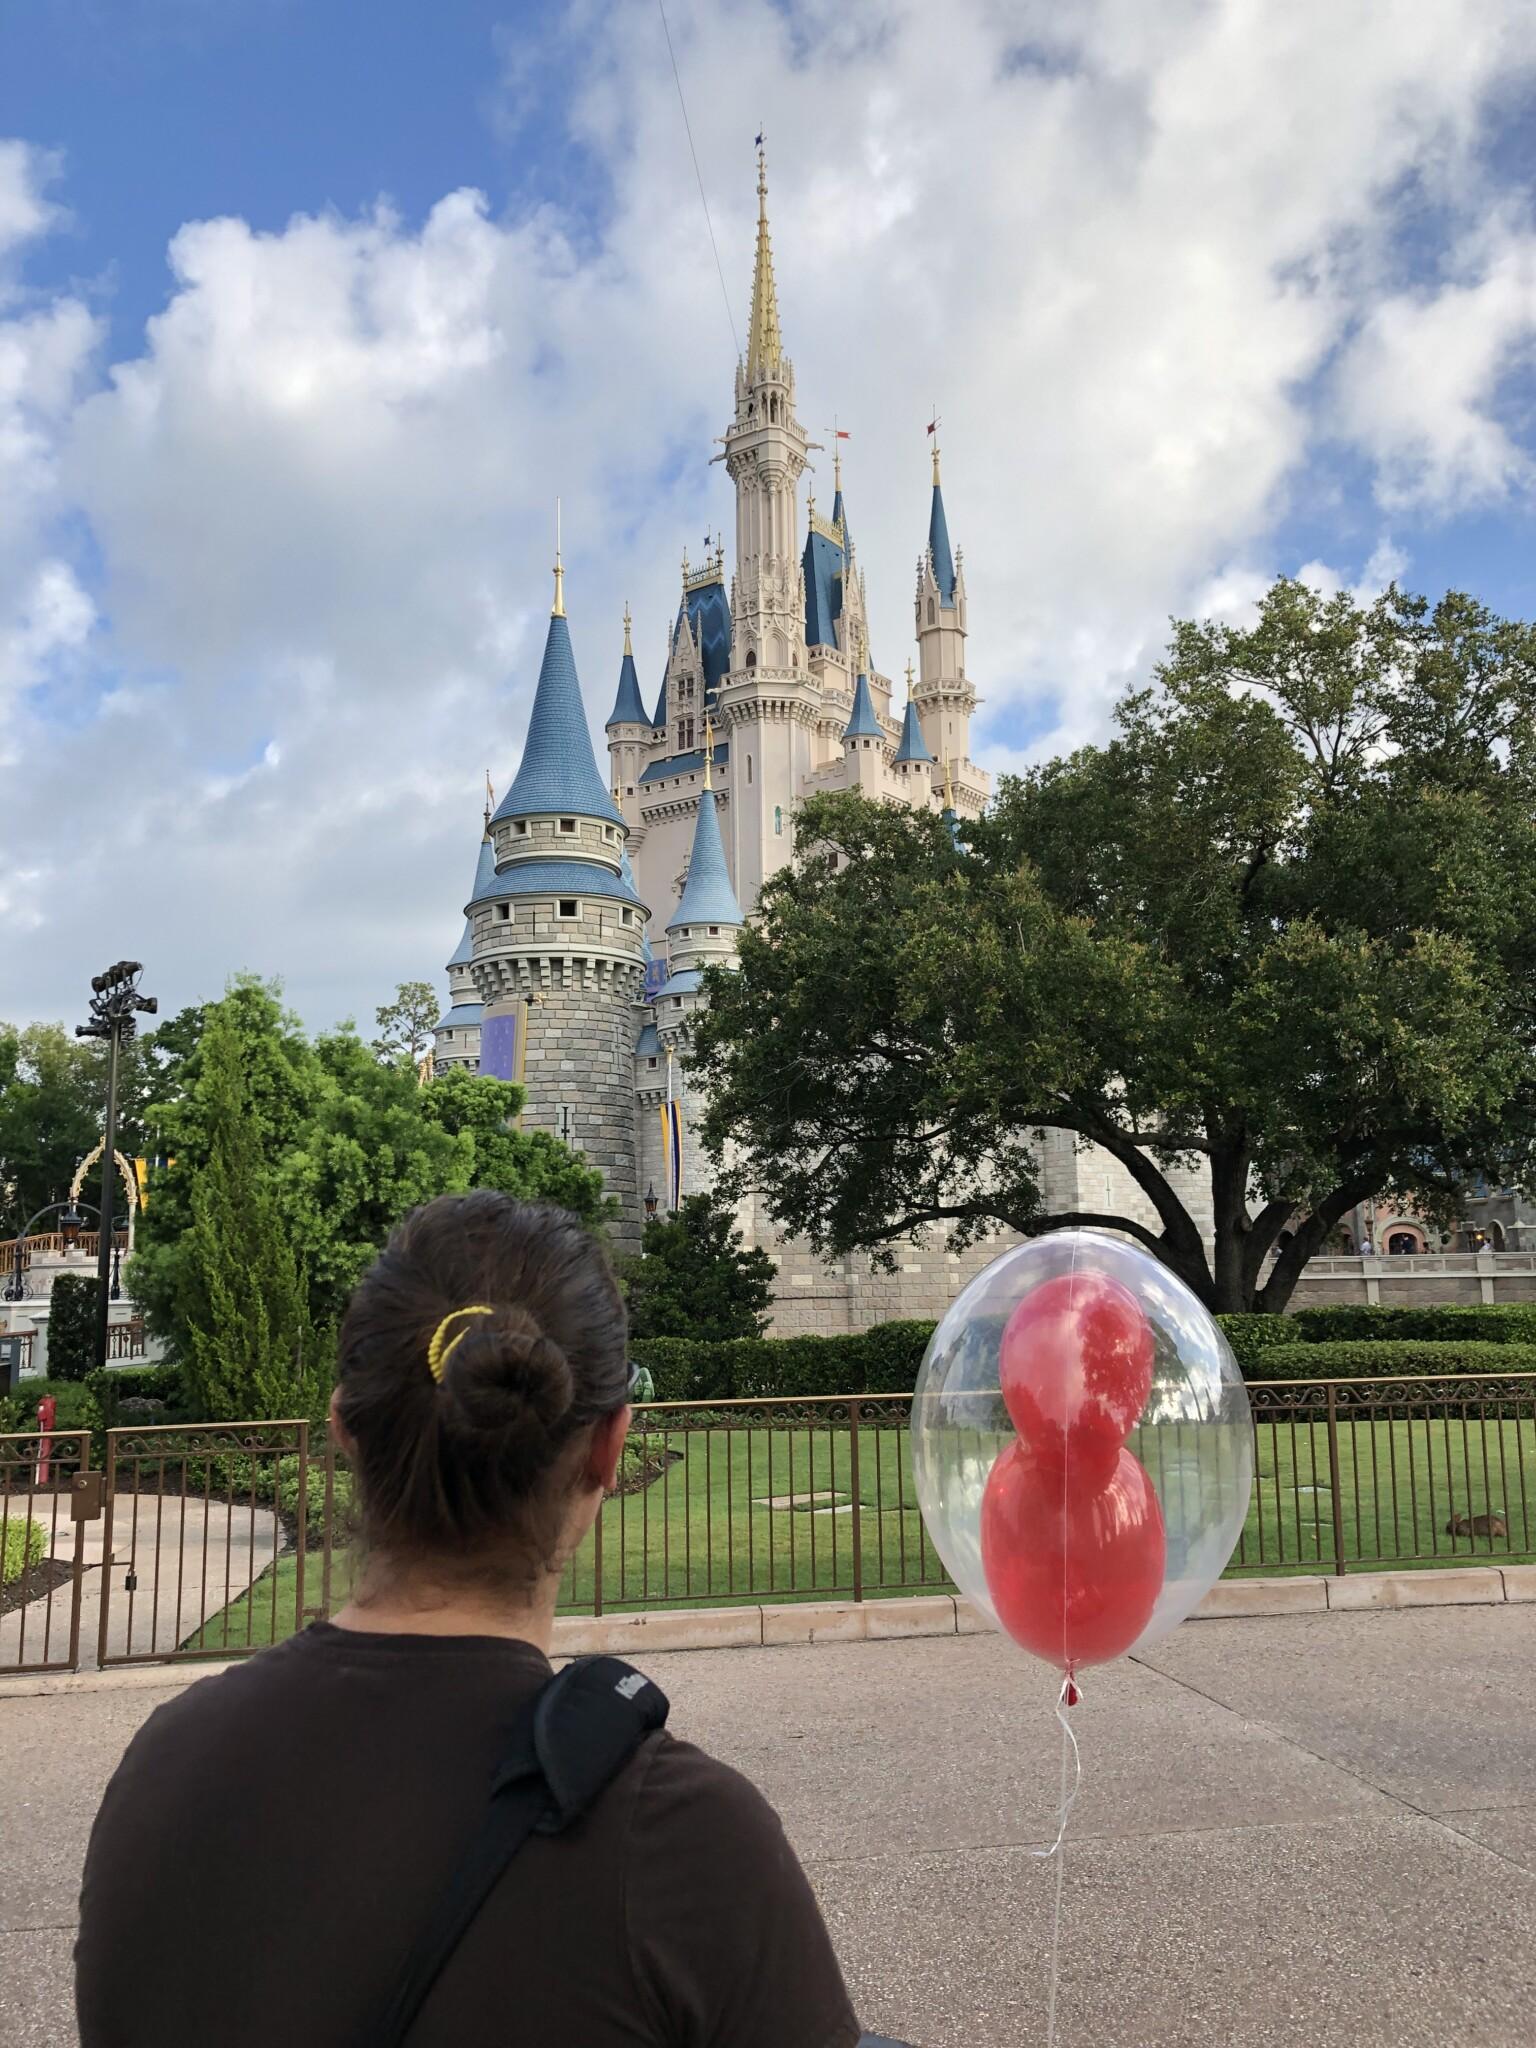 2 semaines en Floride avec un bébé de 1 an - Séjour du 2 au 16 mai 2019 DCL + WDW - Page 15 IMG_0910-1536x2048